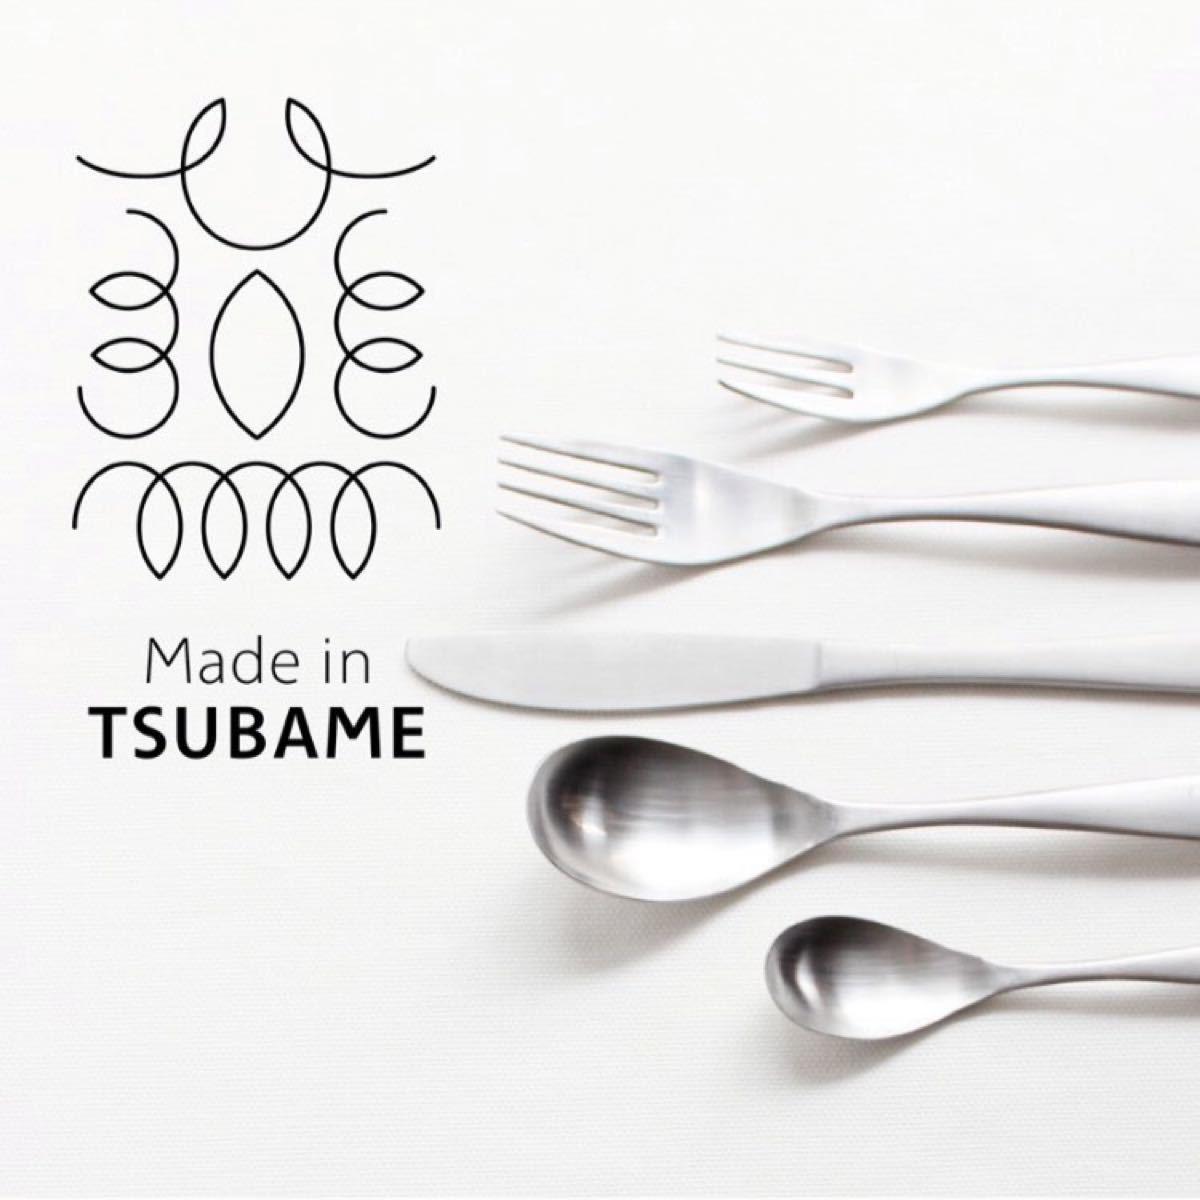 ツバメカトラリー 4本セット フォーク大 新品未使用 made in tsubame 燕